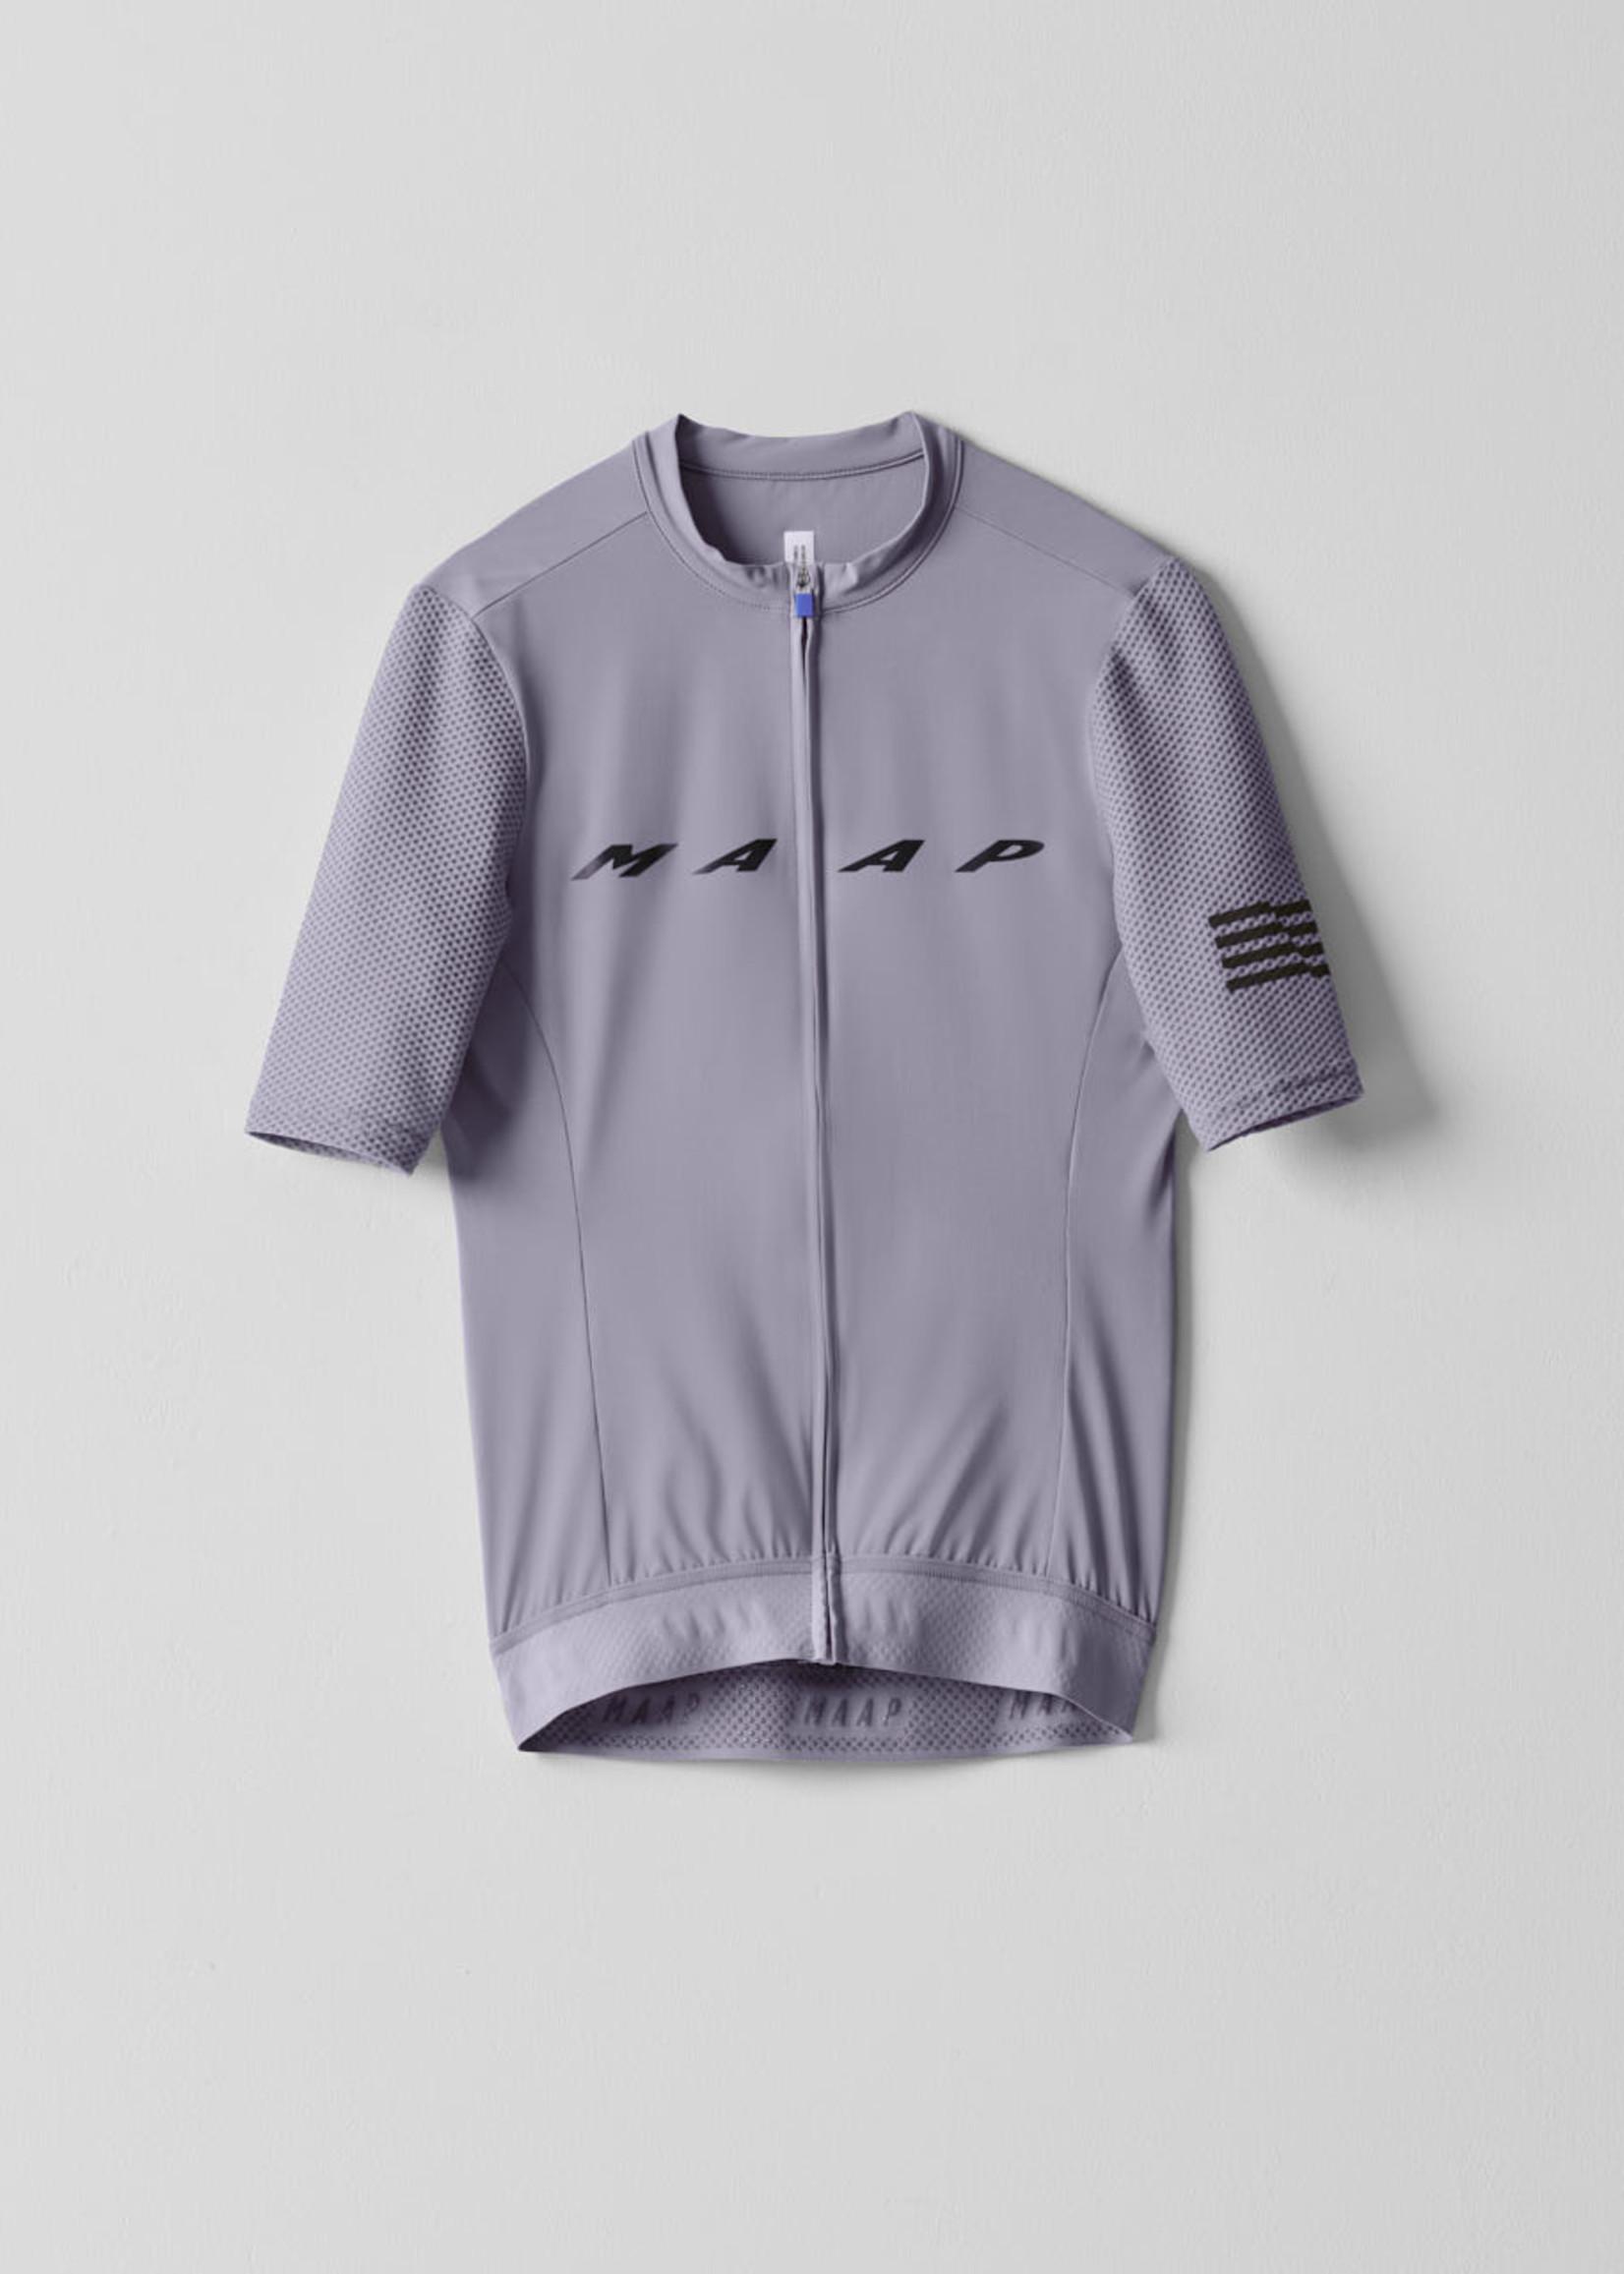 Maap Women's Evade Pro Base Jersey - Purple Ash